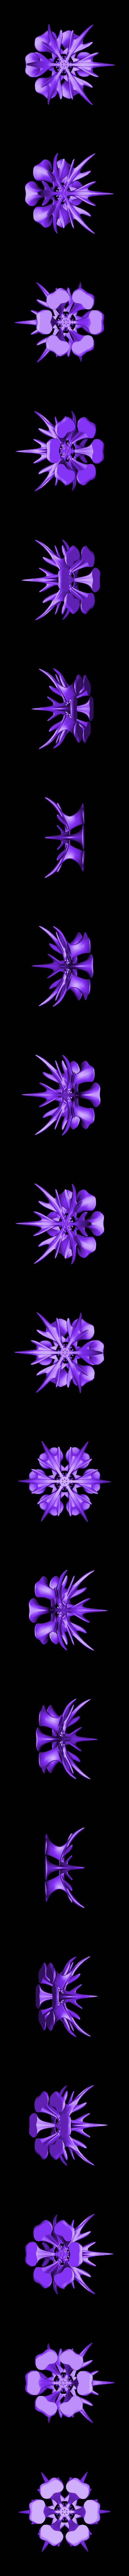 corbeille.stl Télécharger fichier STL gratuit corbeille flocon de neige • Modèle à imprimer en 3D, micaldez